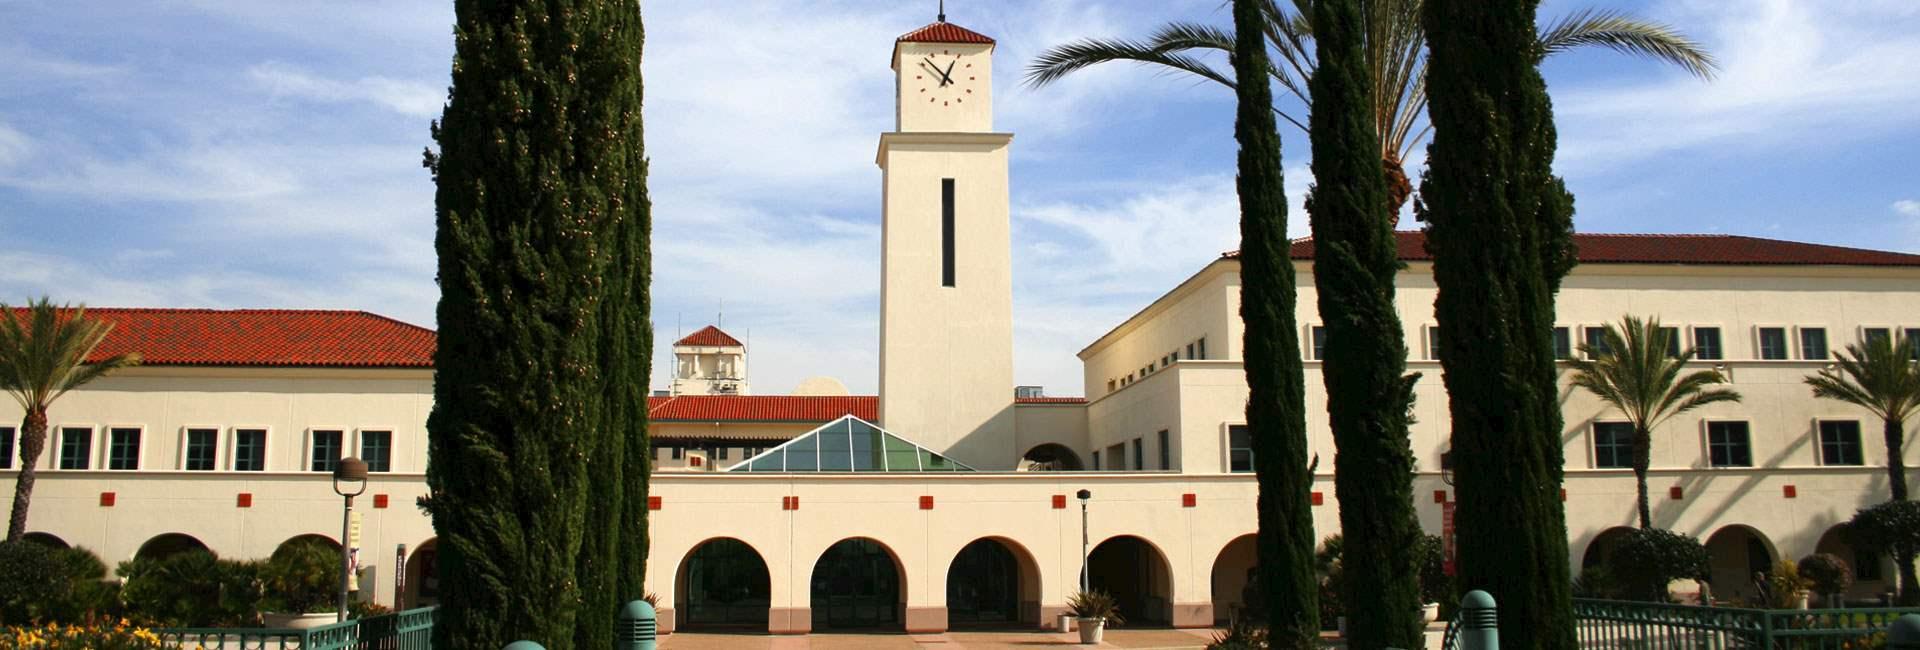 Location Lamplighter Inn & Suites at SDSU California